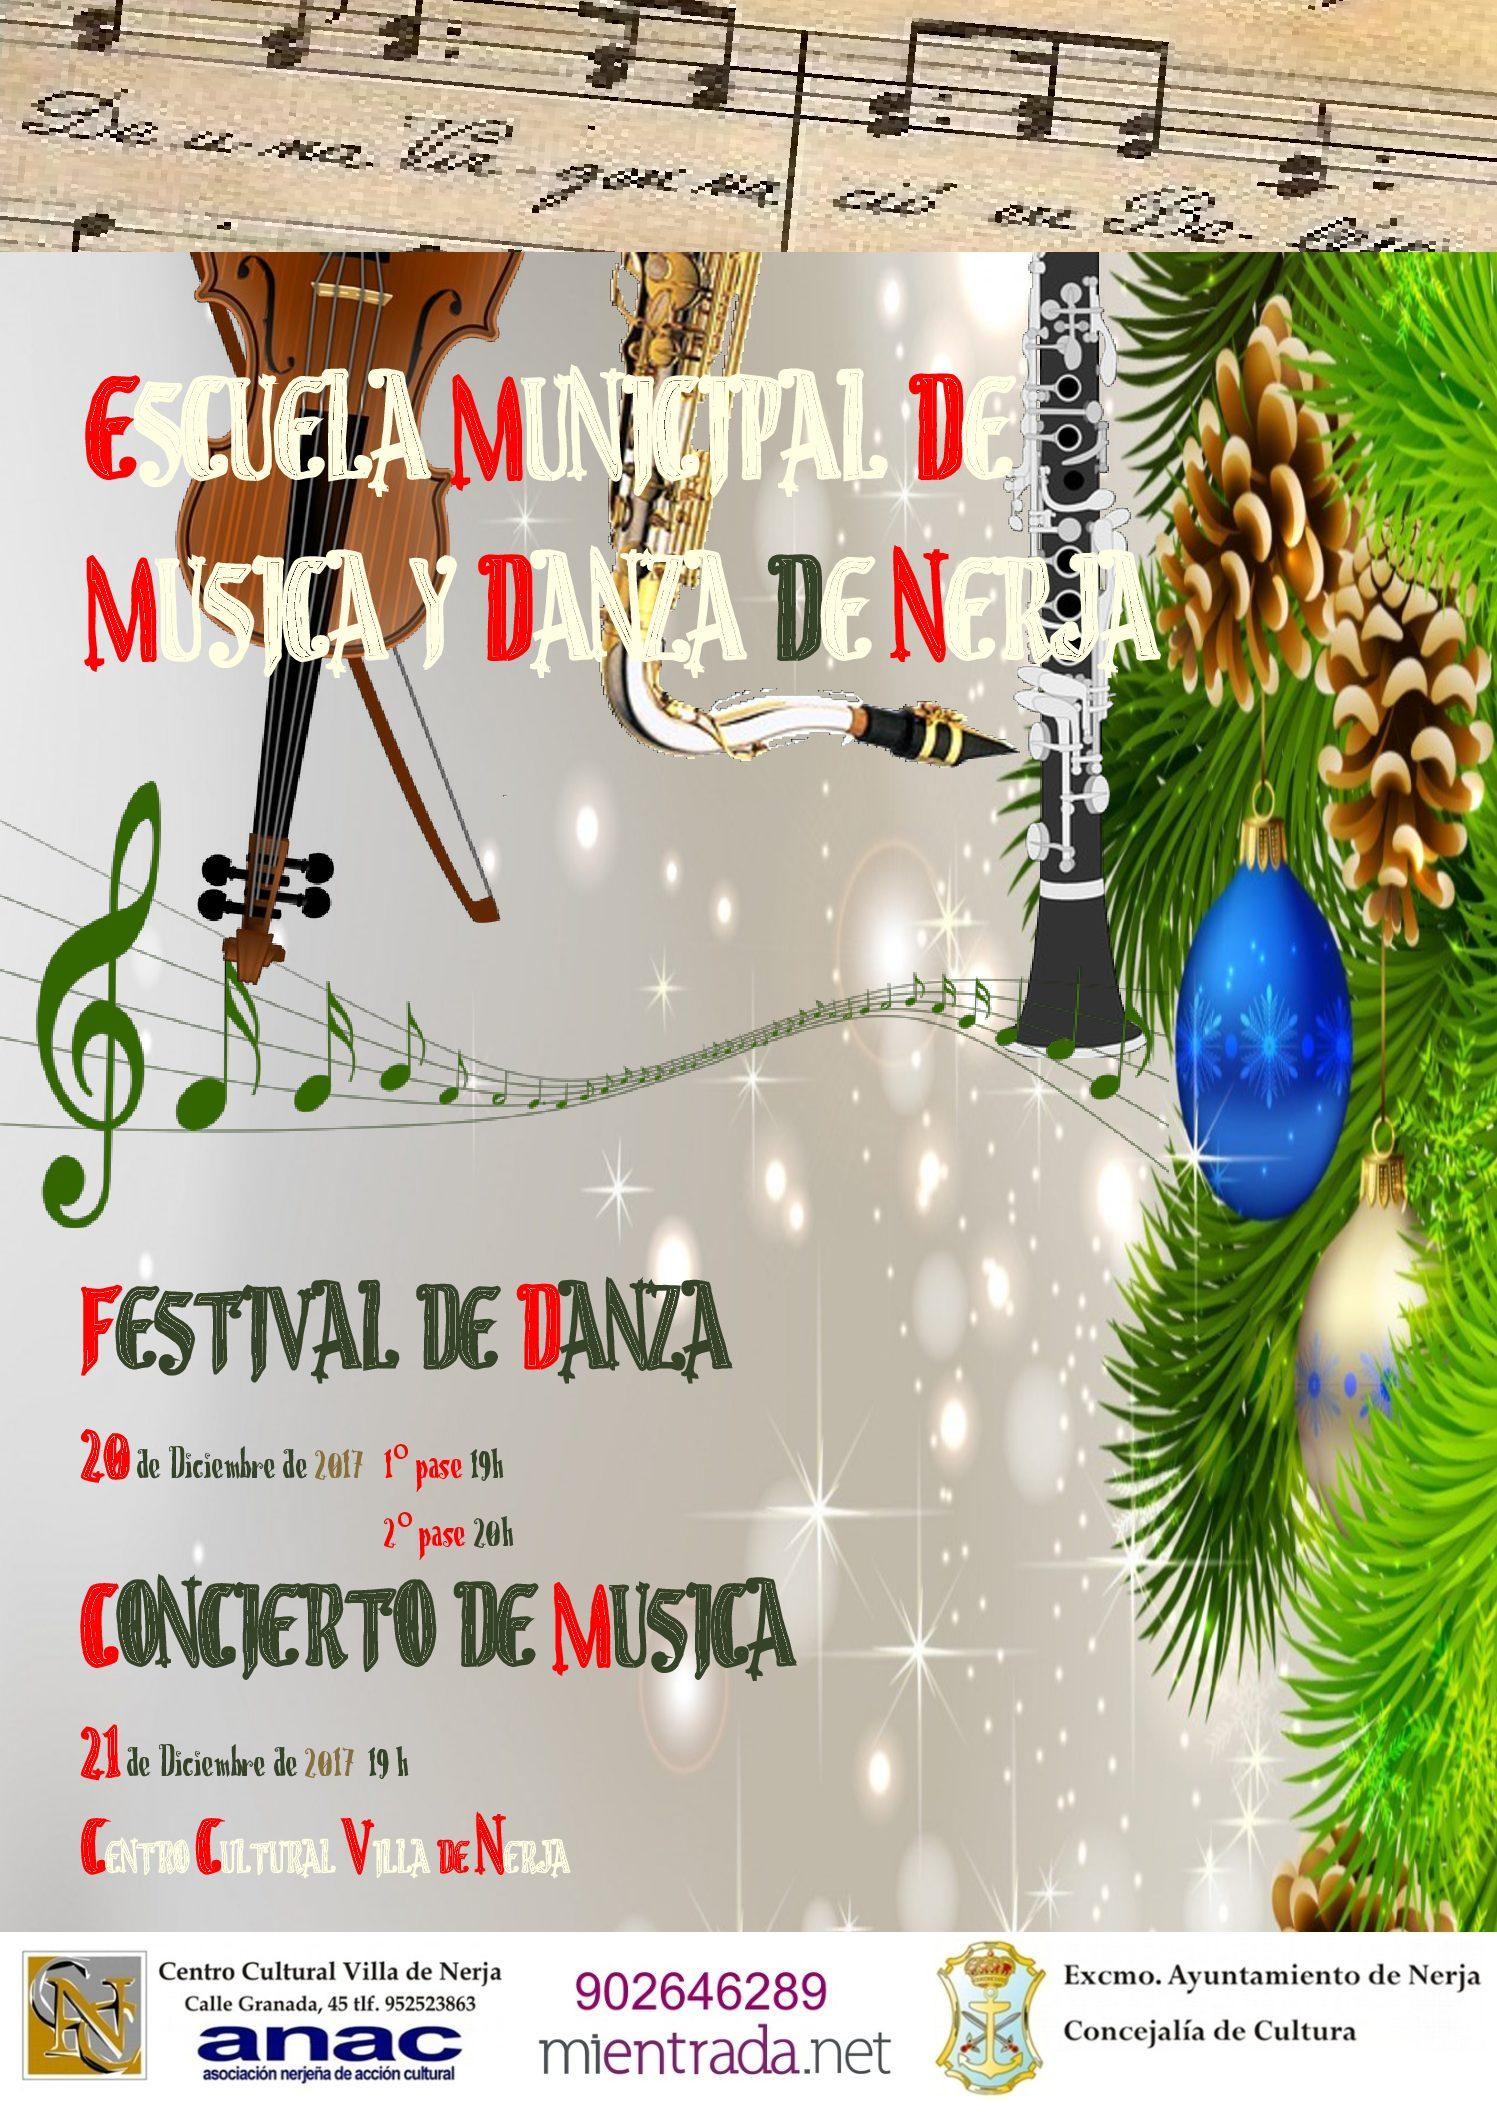 Gala de Navidad. Escuela Municipal de Música y Danza de Nerja.